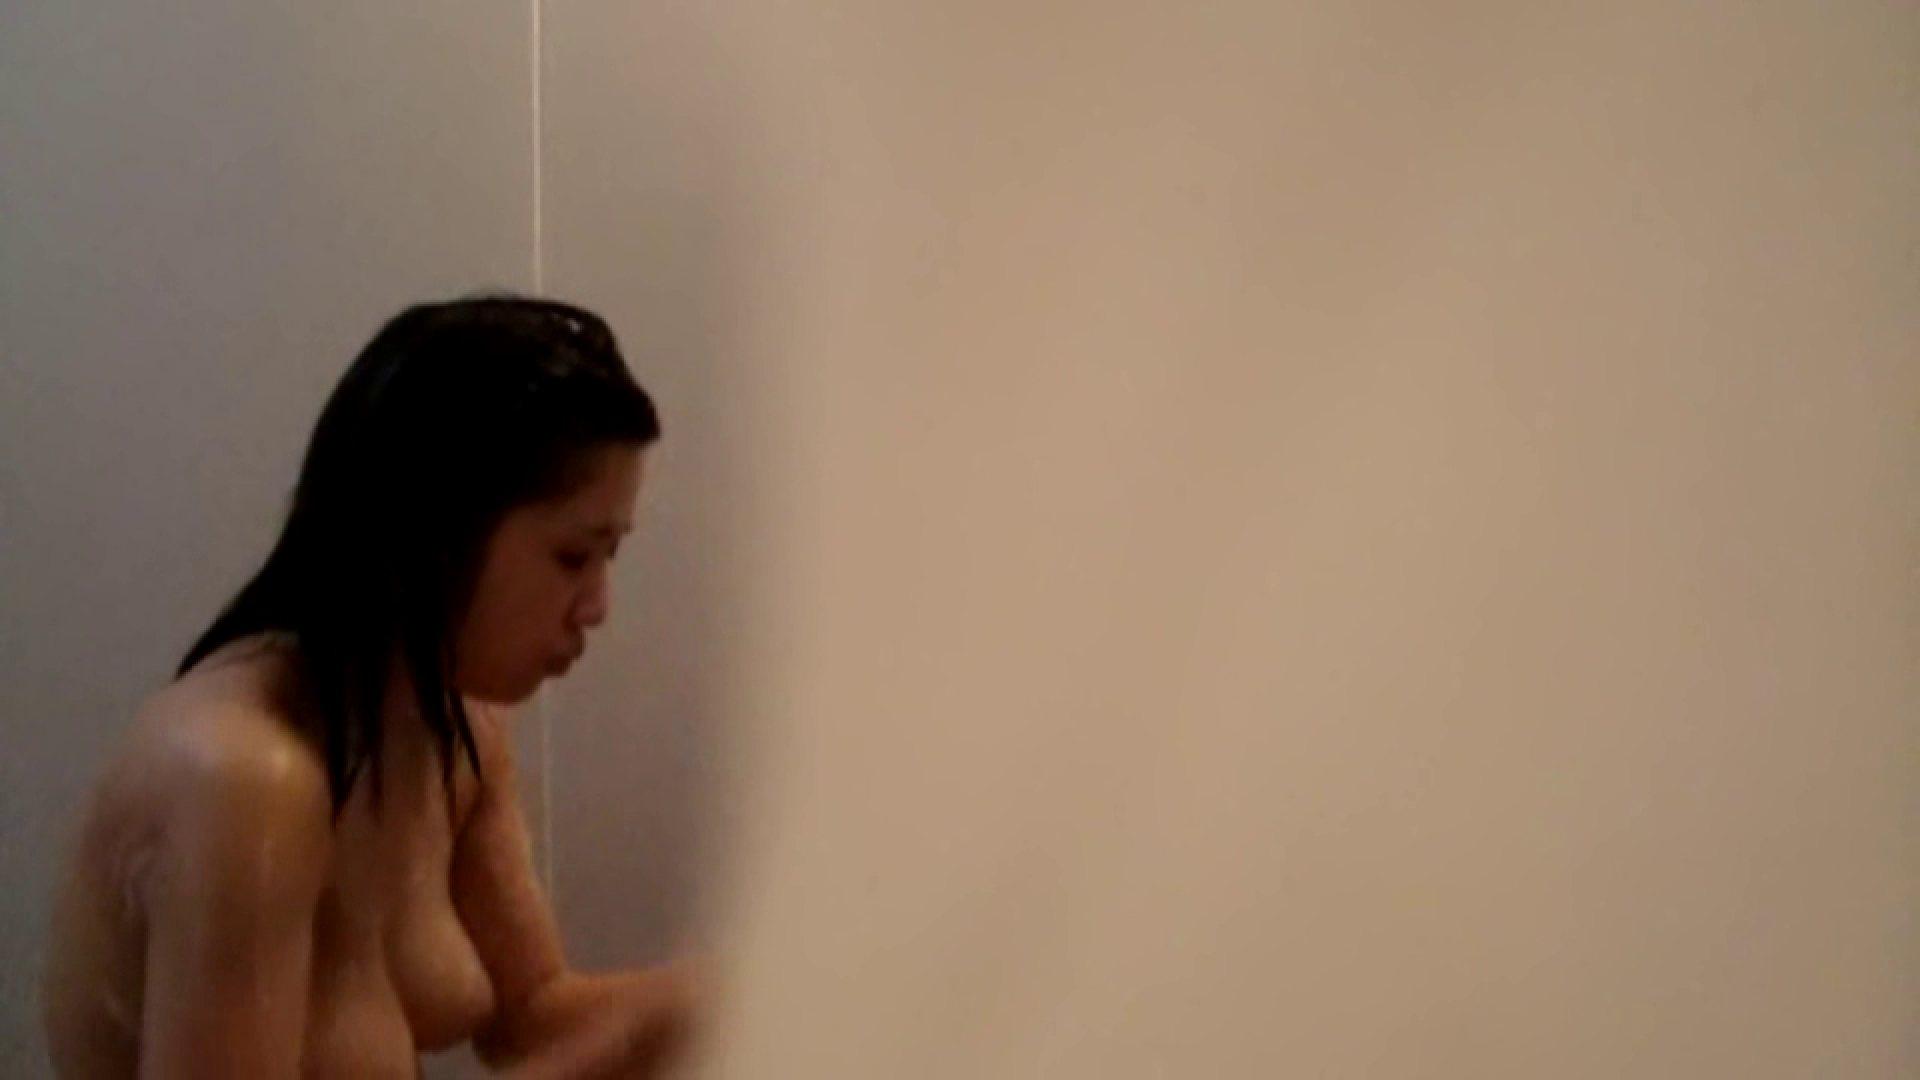 vol.2 葵のグラドル顔負けの爆乳を入浴シーンでどうぞ。 高評価 おまんこ無修正動画無料 110枚 98